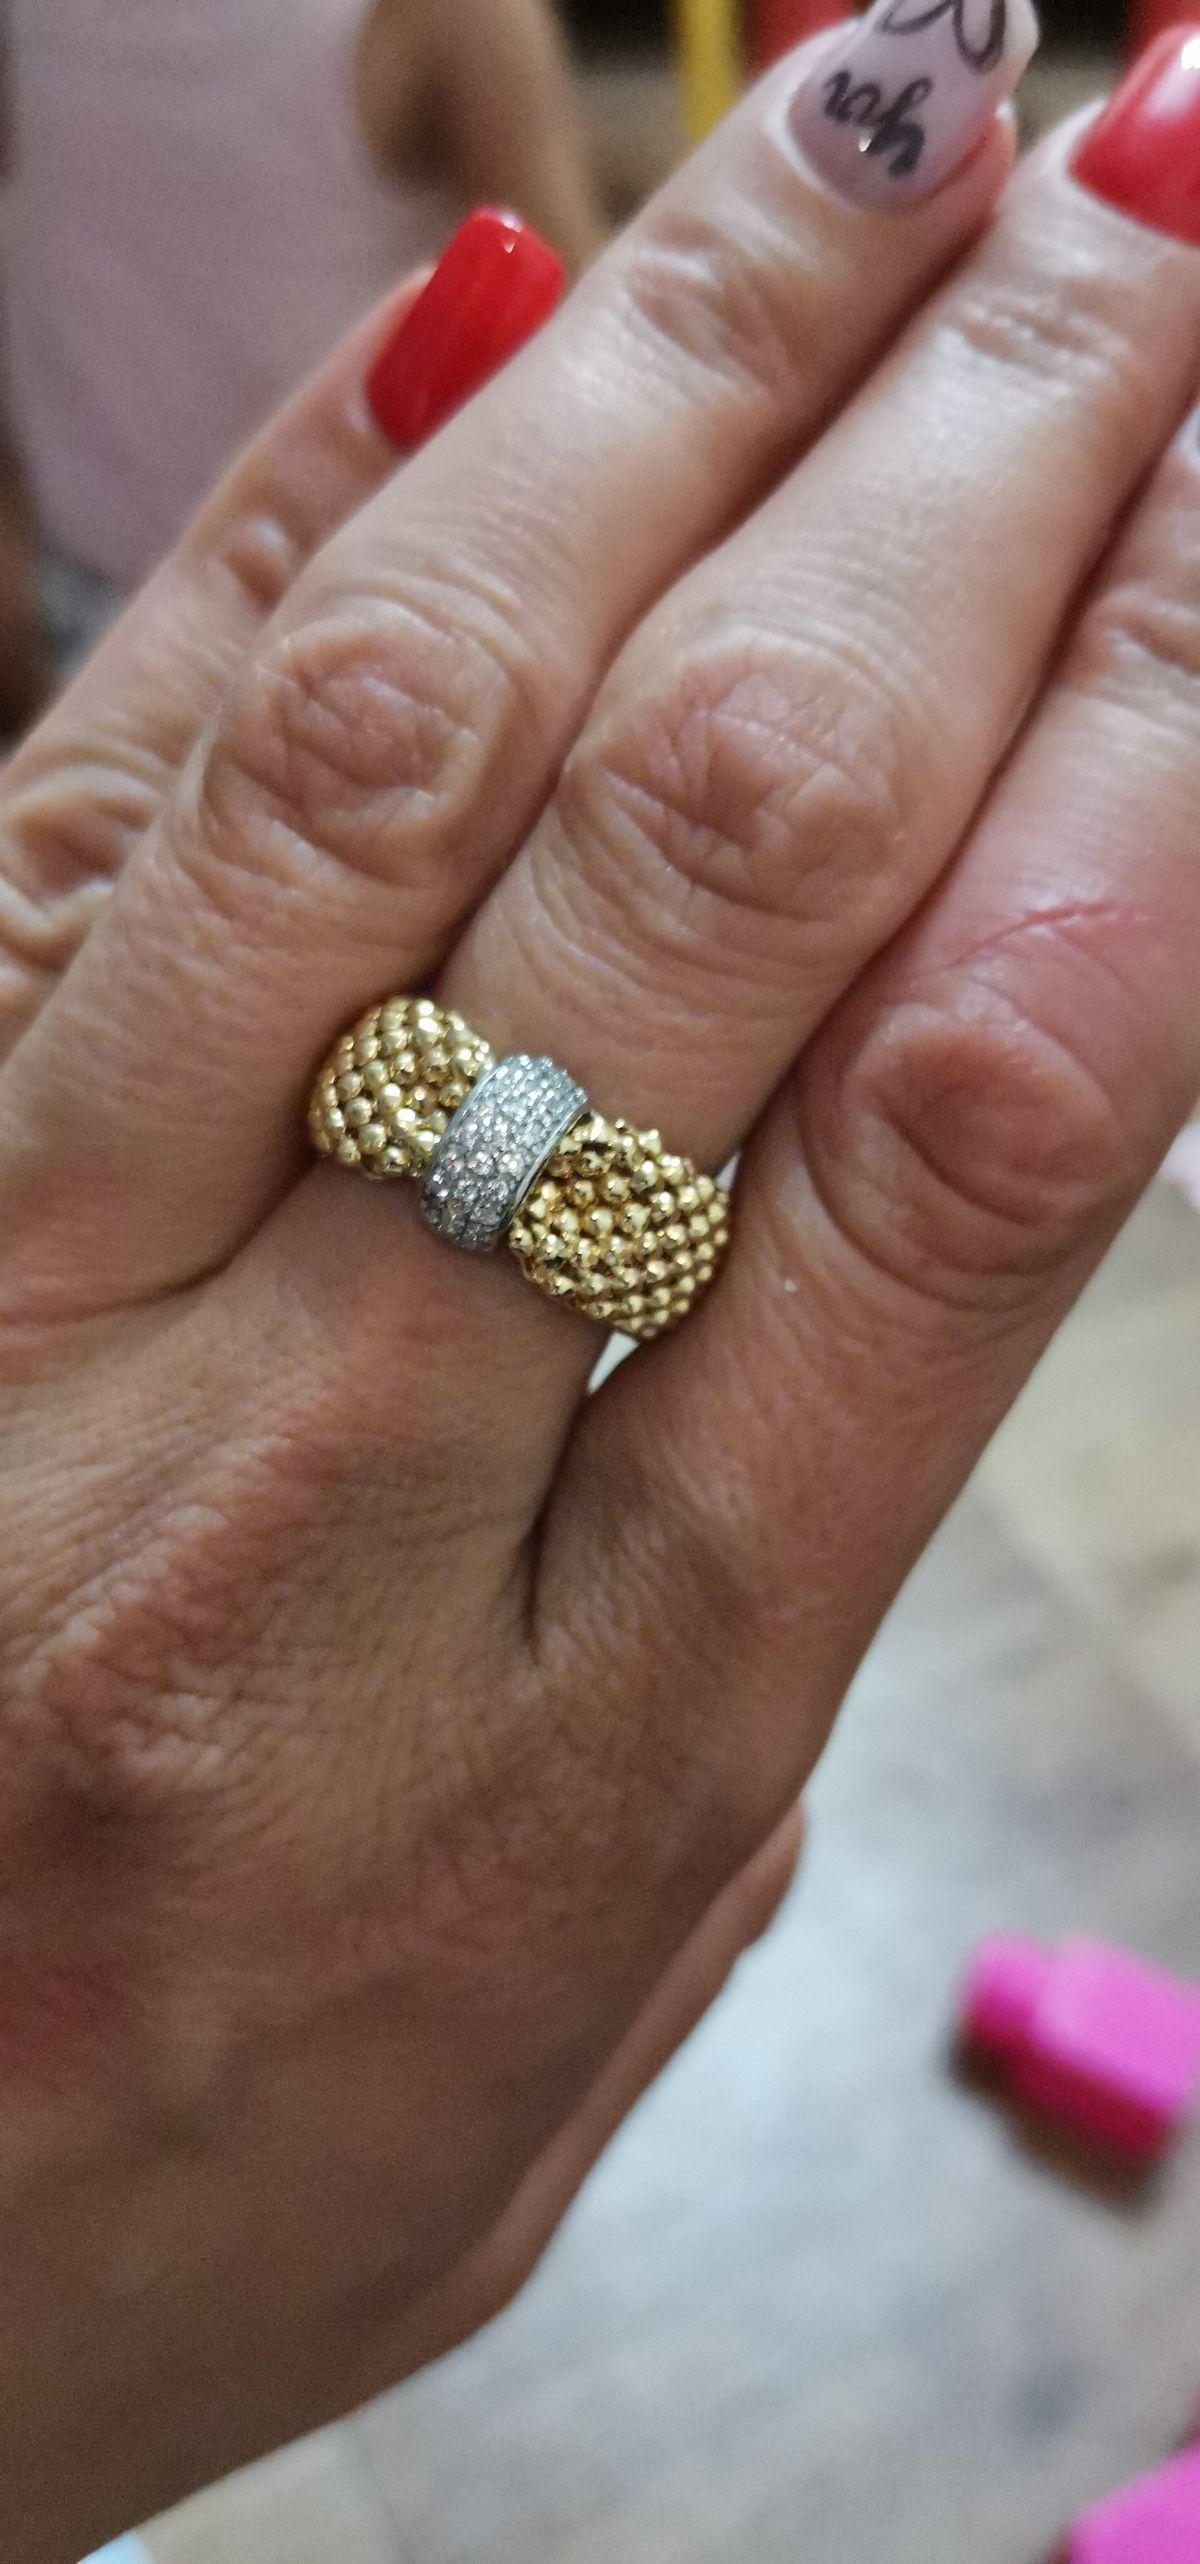 Кольцо, которое обращает на себя внимание!